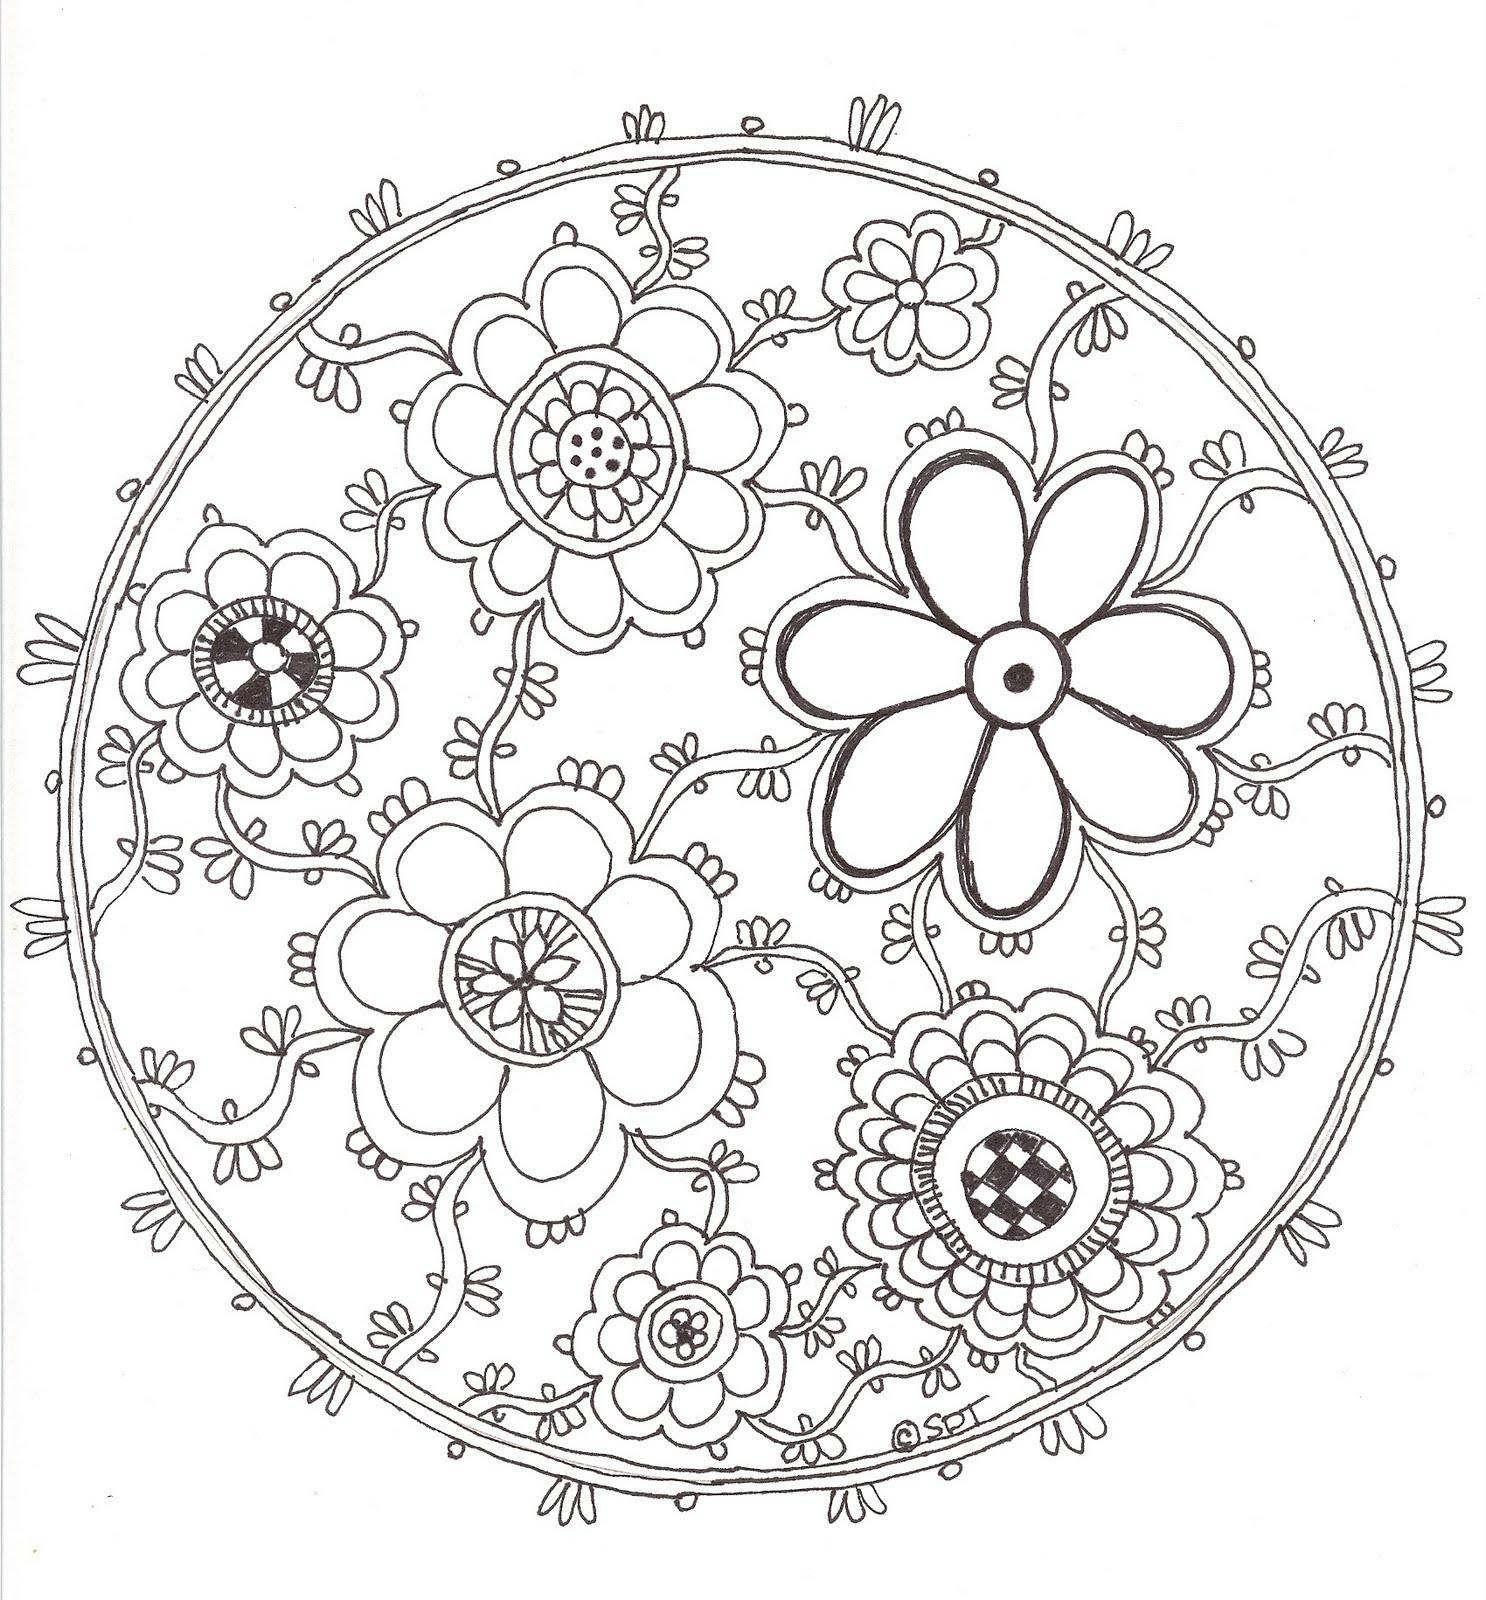 Unique lotus flower mandala coloring pages design lotus flower mandala to color mightylinksfo